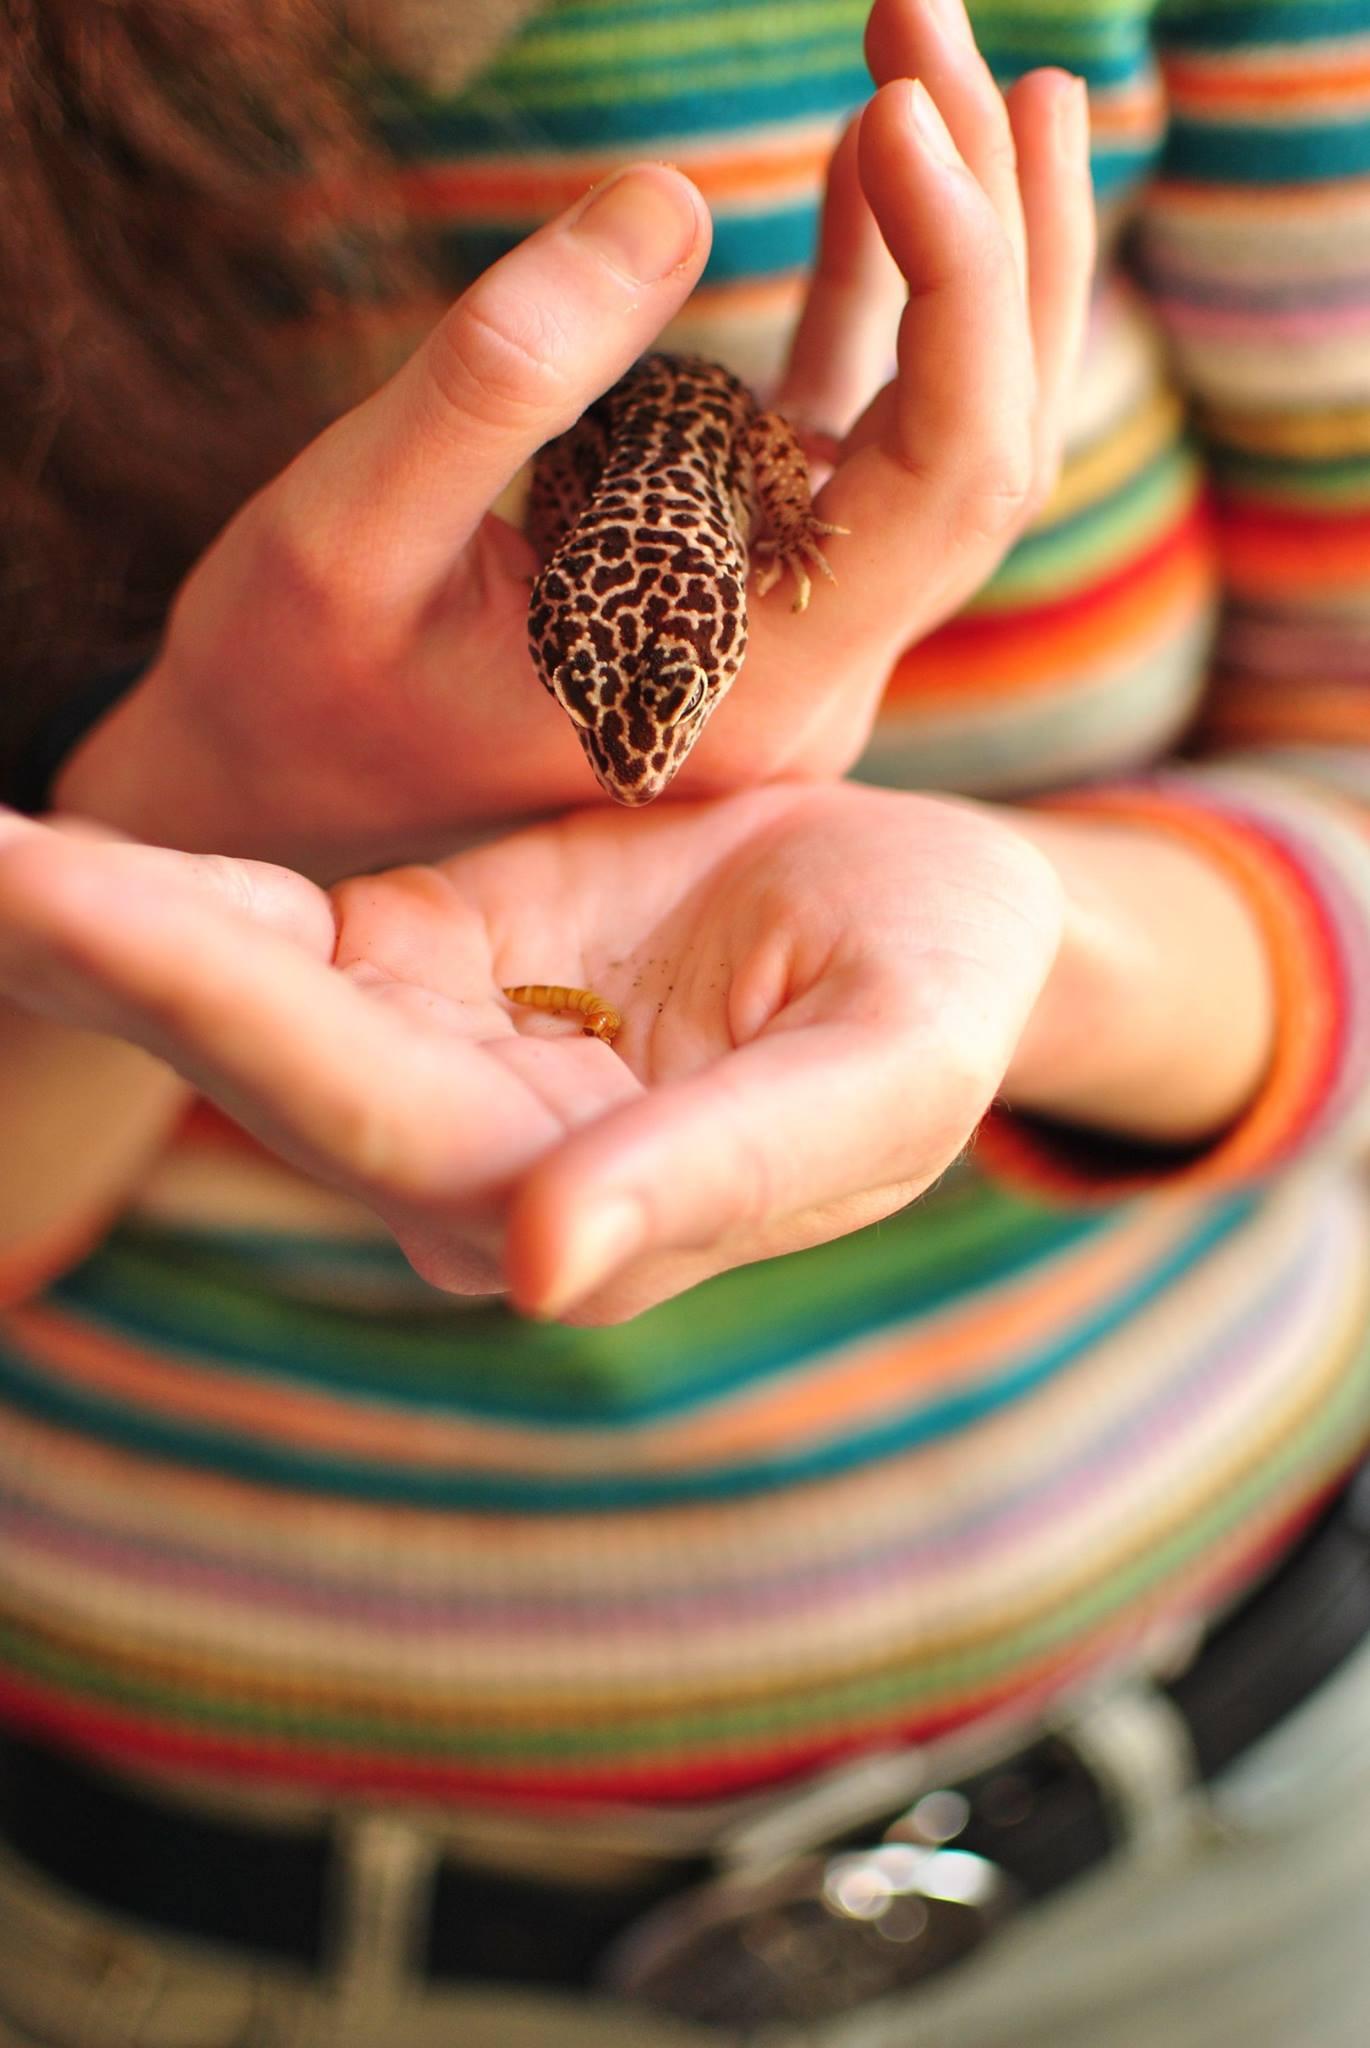 Леопардов гекон (Eublepharis macularius). Снимка: Дарина Ташкова